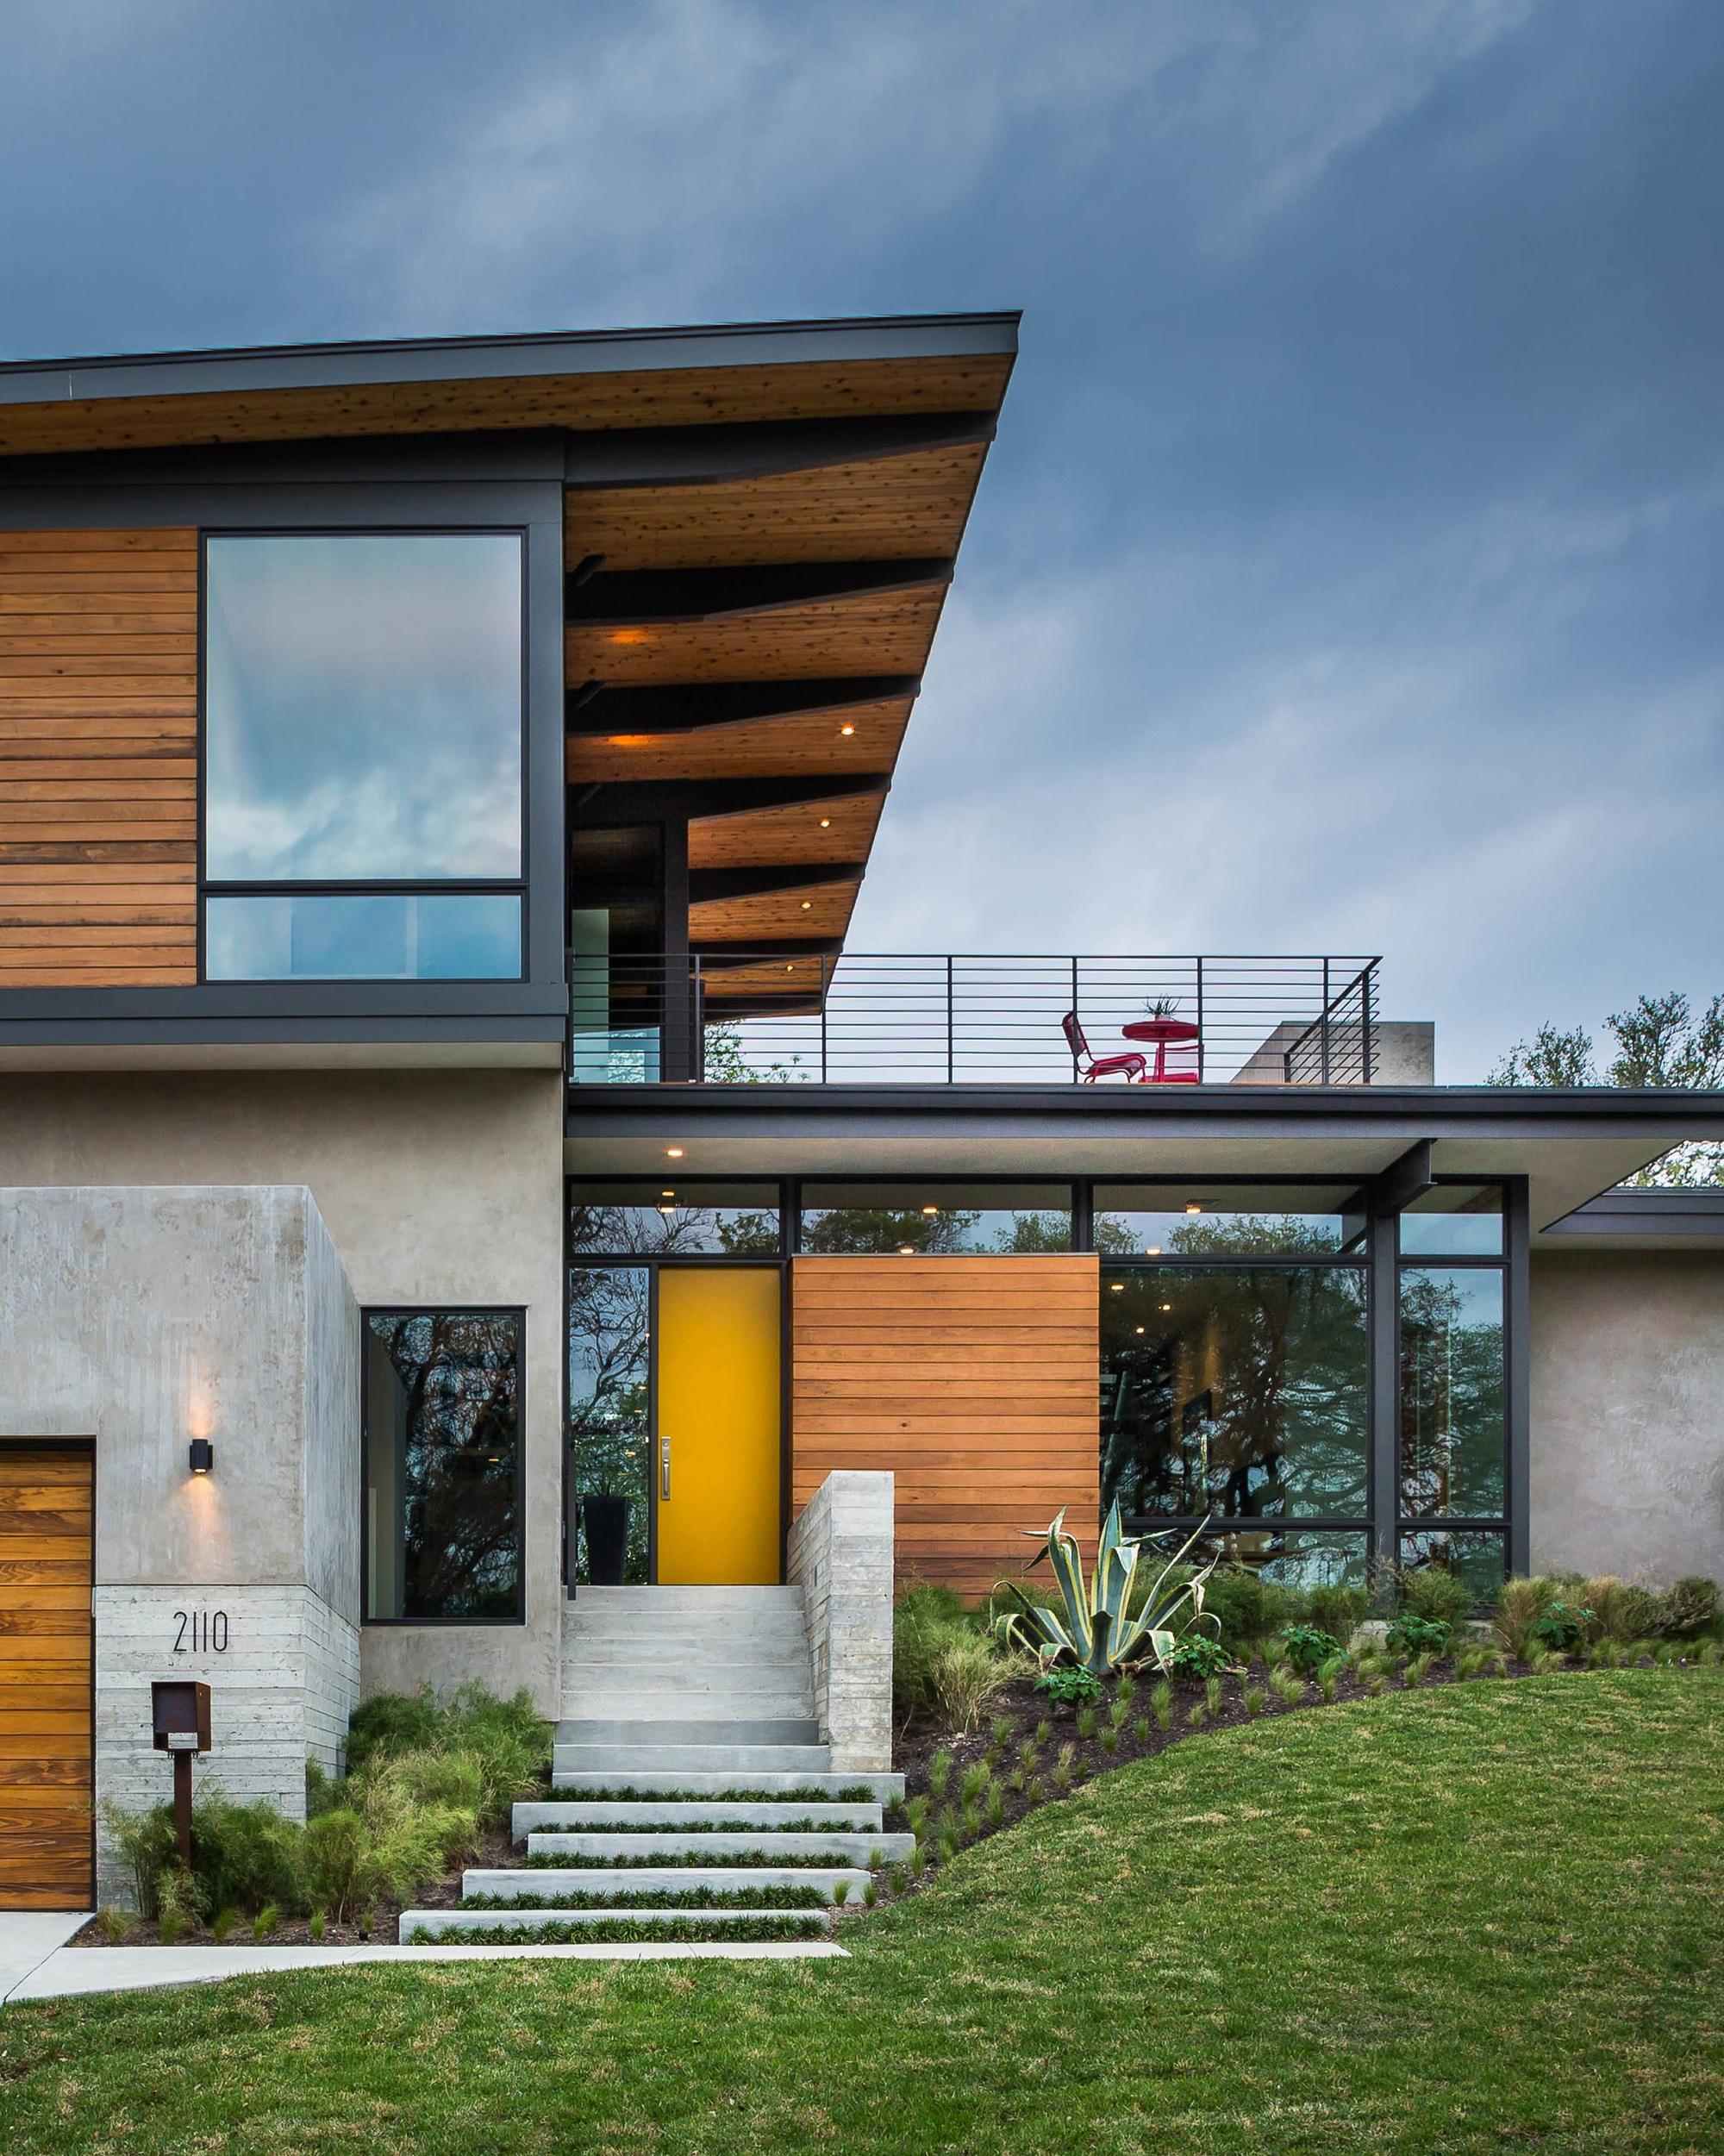 Planos de casa de dos pisos grande fachada e interiores for Diseno de casa moderna de dos pisos fachada e interiores